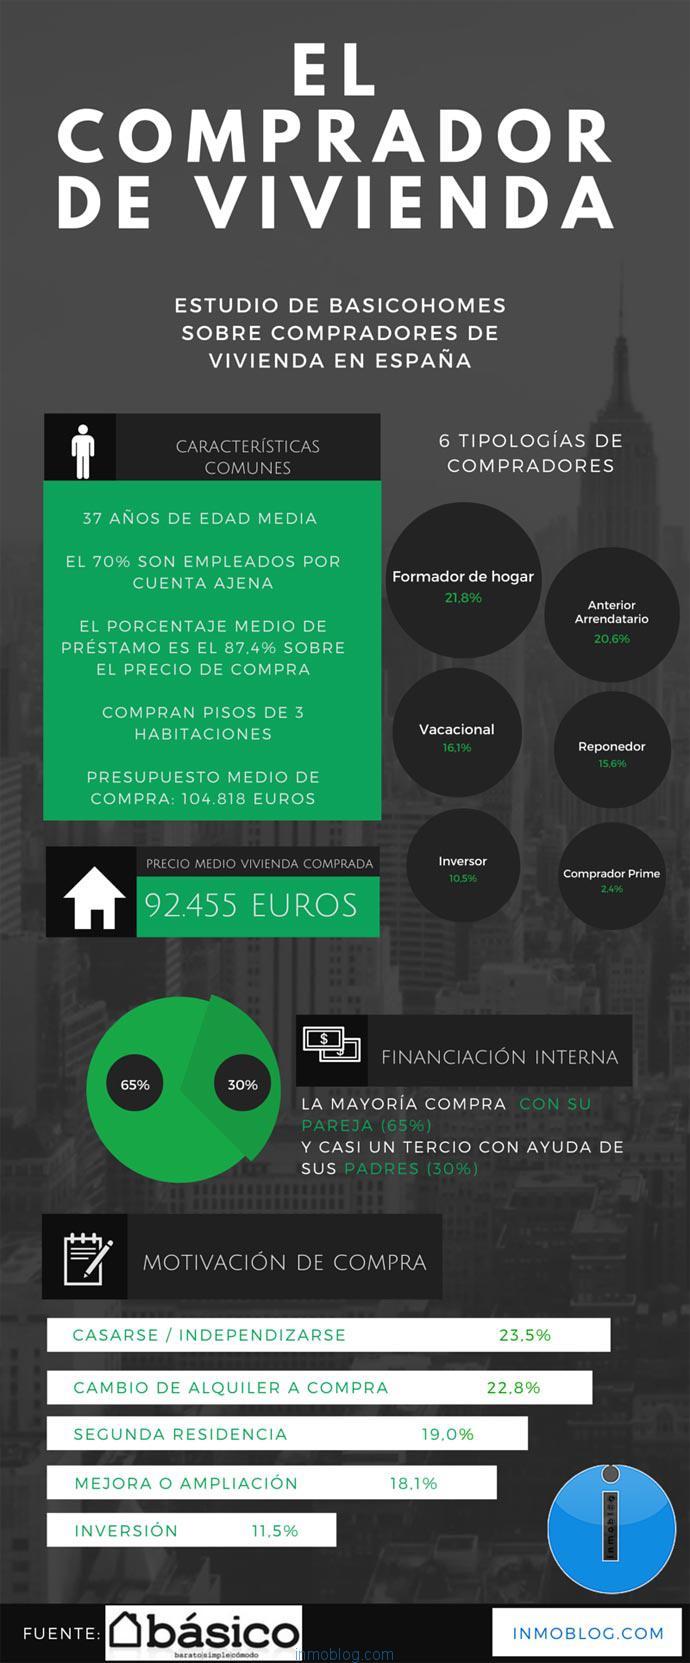 Comprador-vivienda-espana-basico-inmoblog